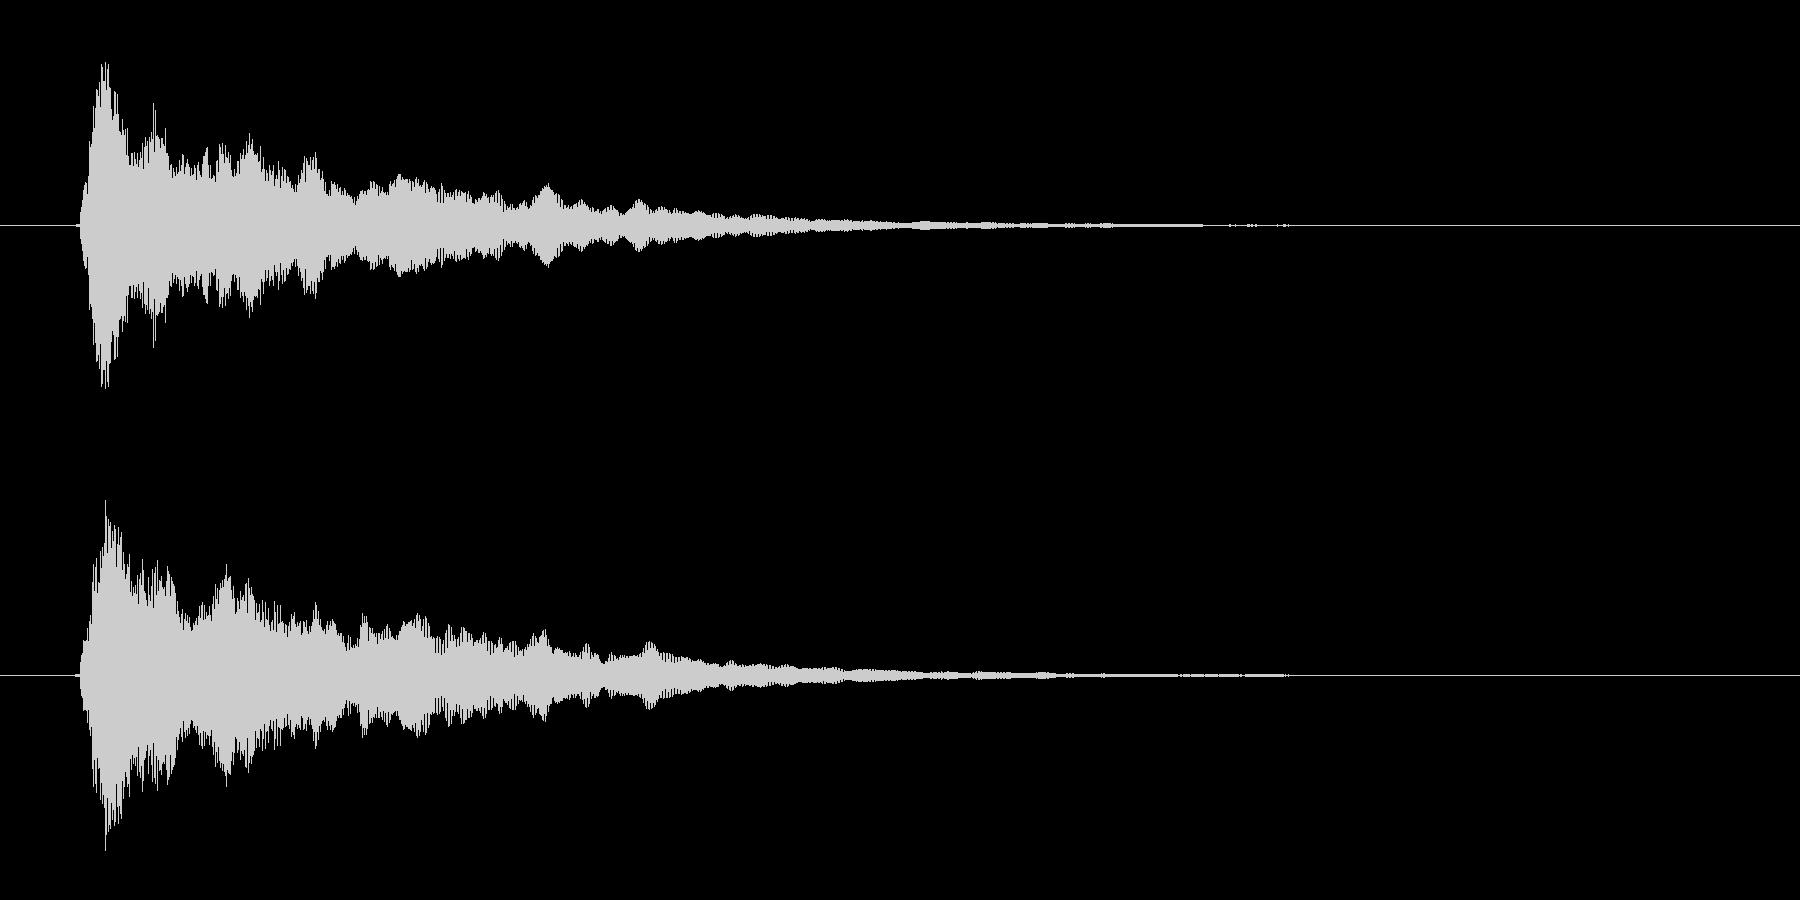 リリース短め、あっさり、さっぱりなオケヒの未再生の波形